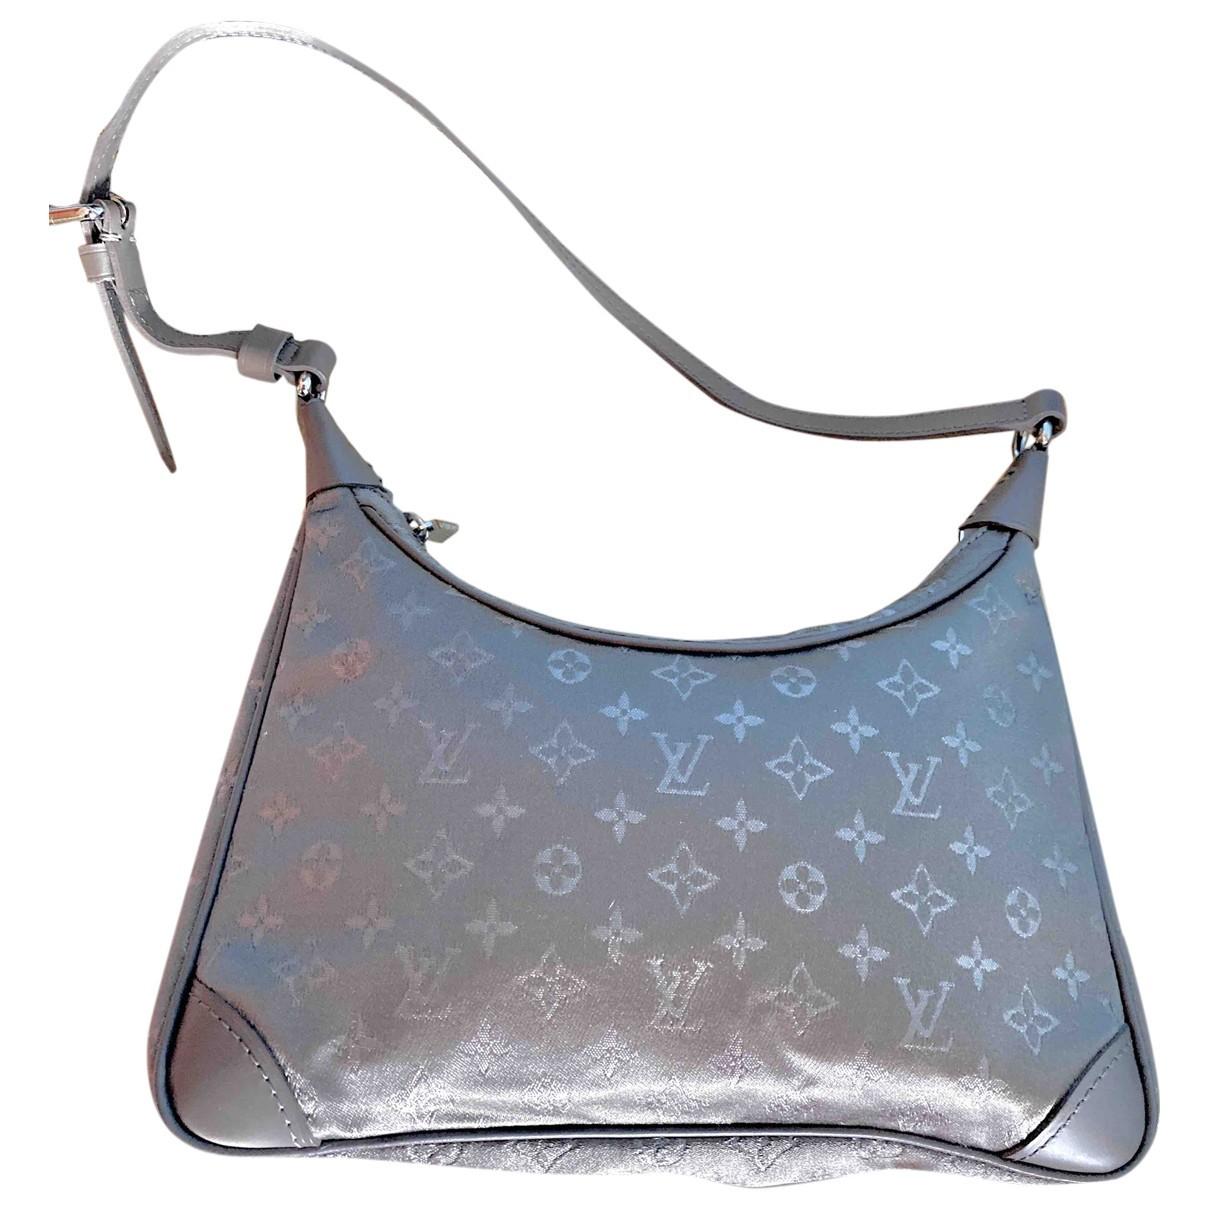 Louis Vuitton - Sac a main Boulogne pour femme en toile - gris